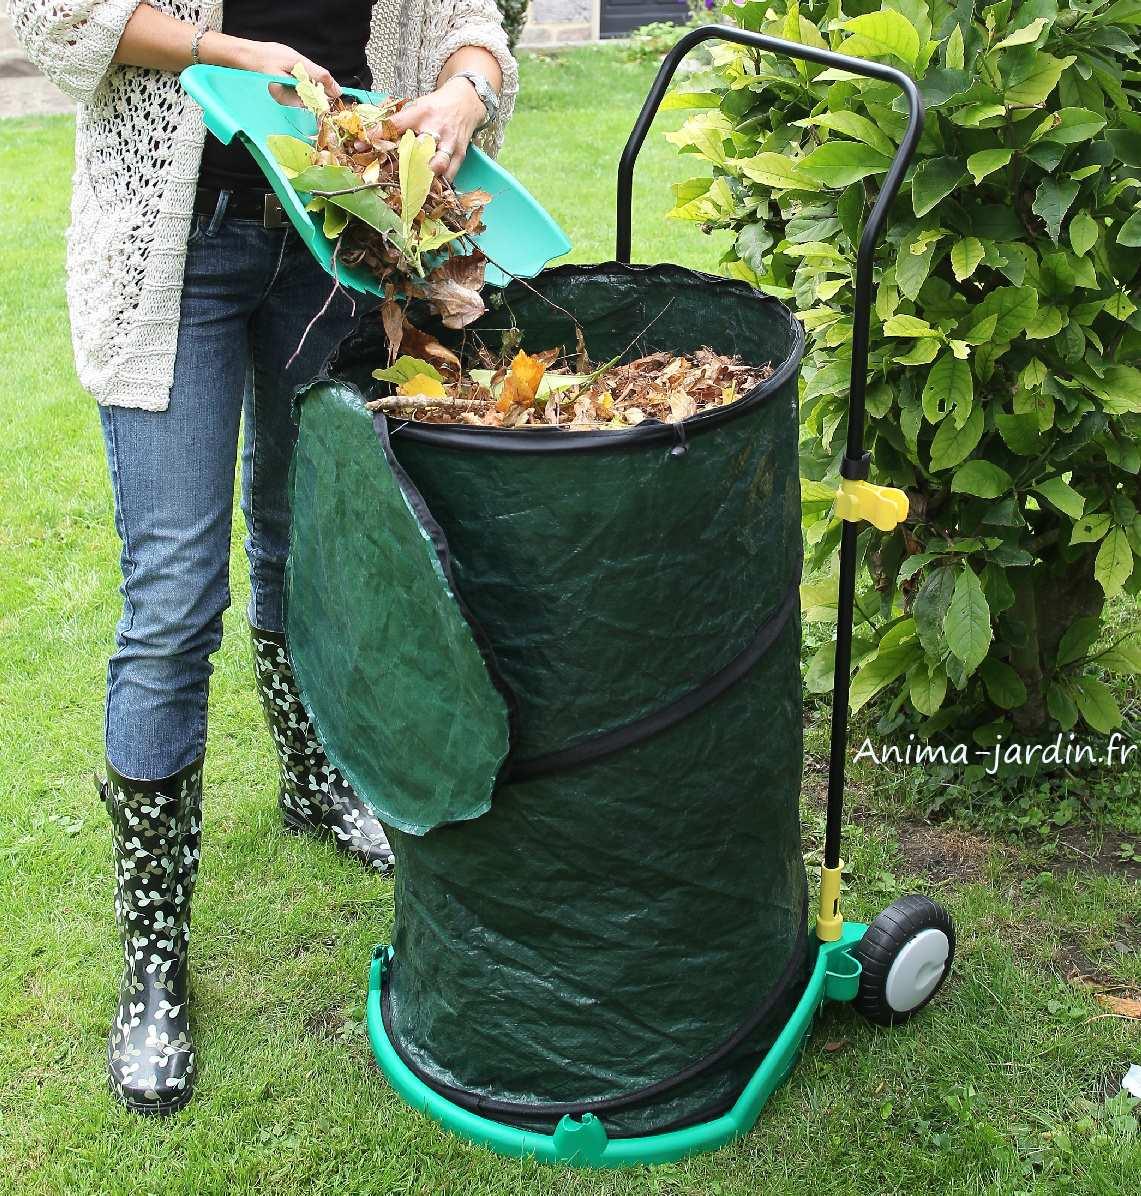 Chariot poubelle de jardin ramasse feuilles pas cher - Poubelle a roulette pas cher ...